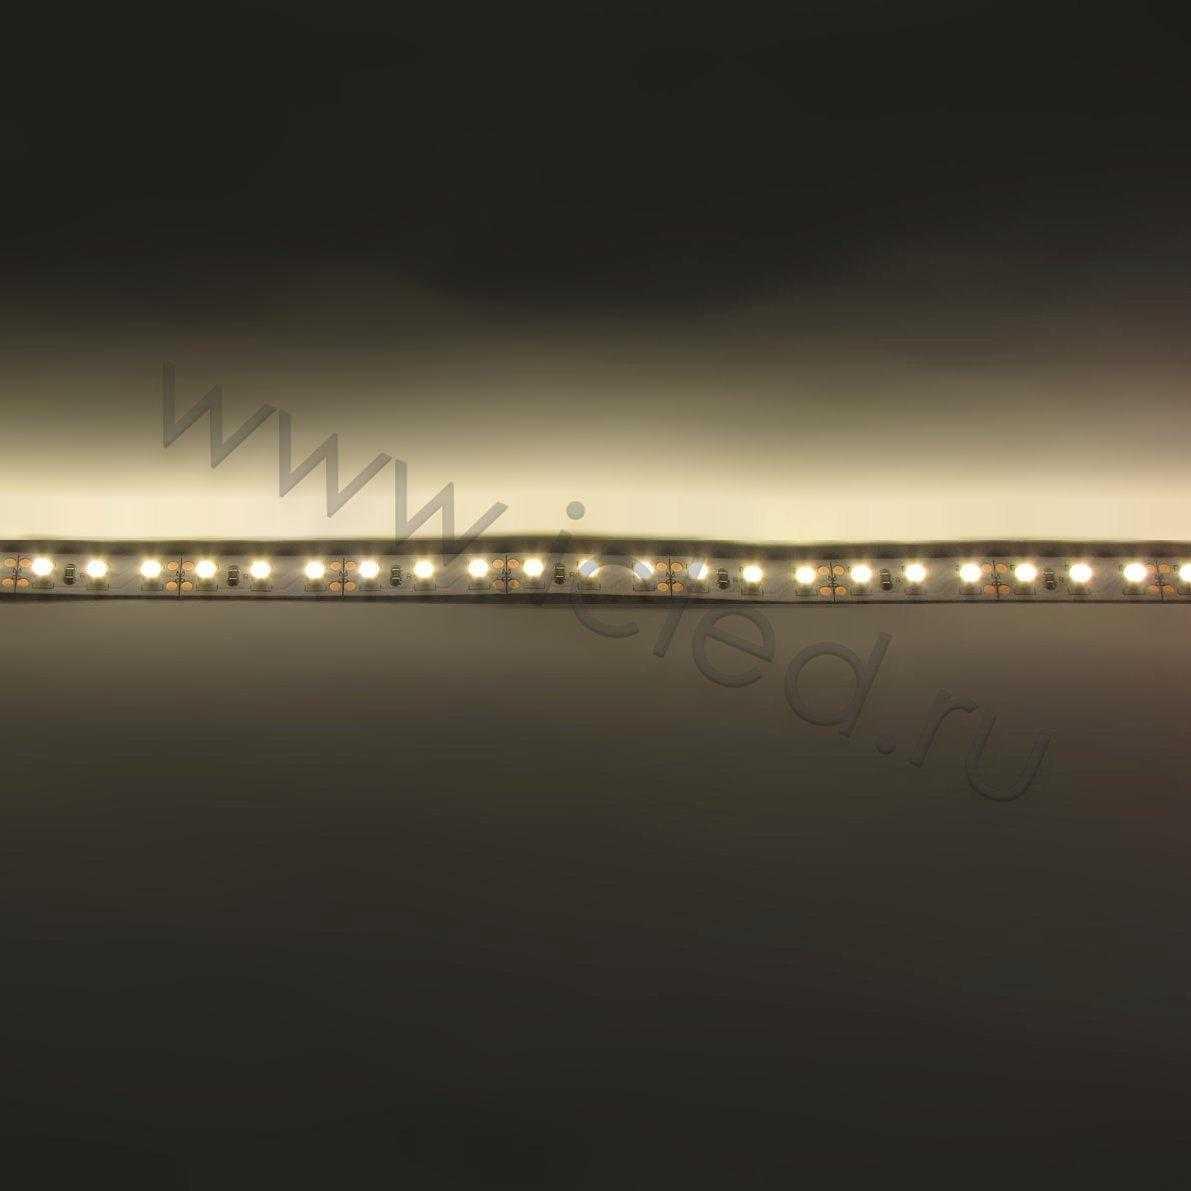 Светодиодная лента Econom class, 3528, 120led/m, Warm White, 12V, IP33